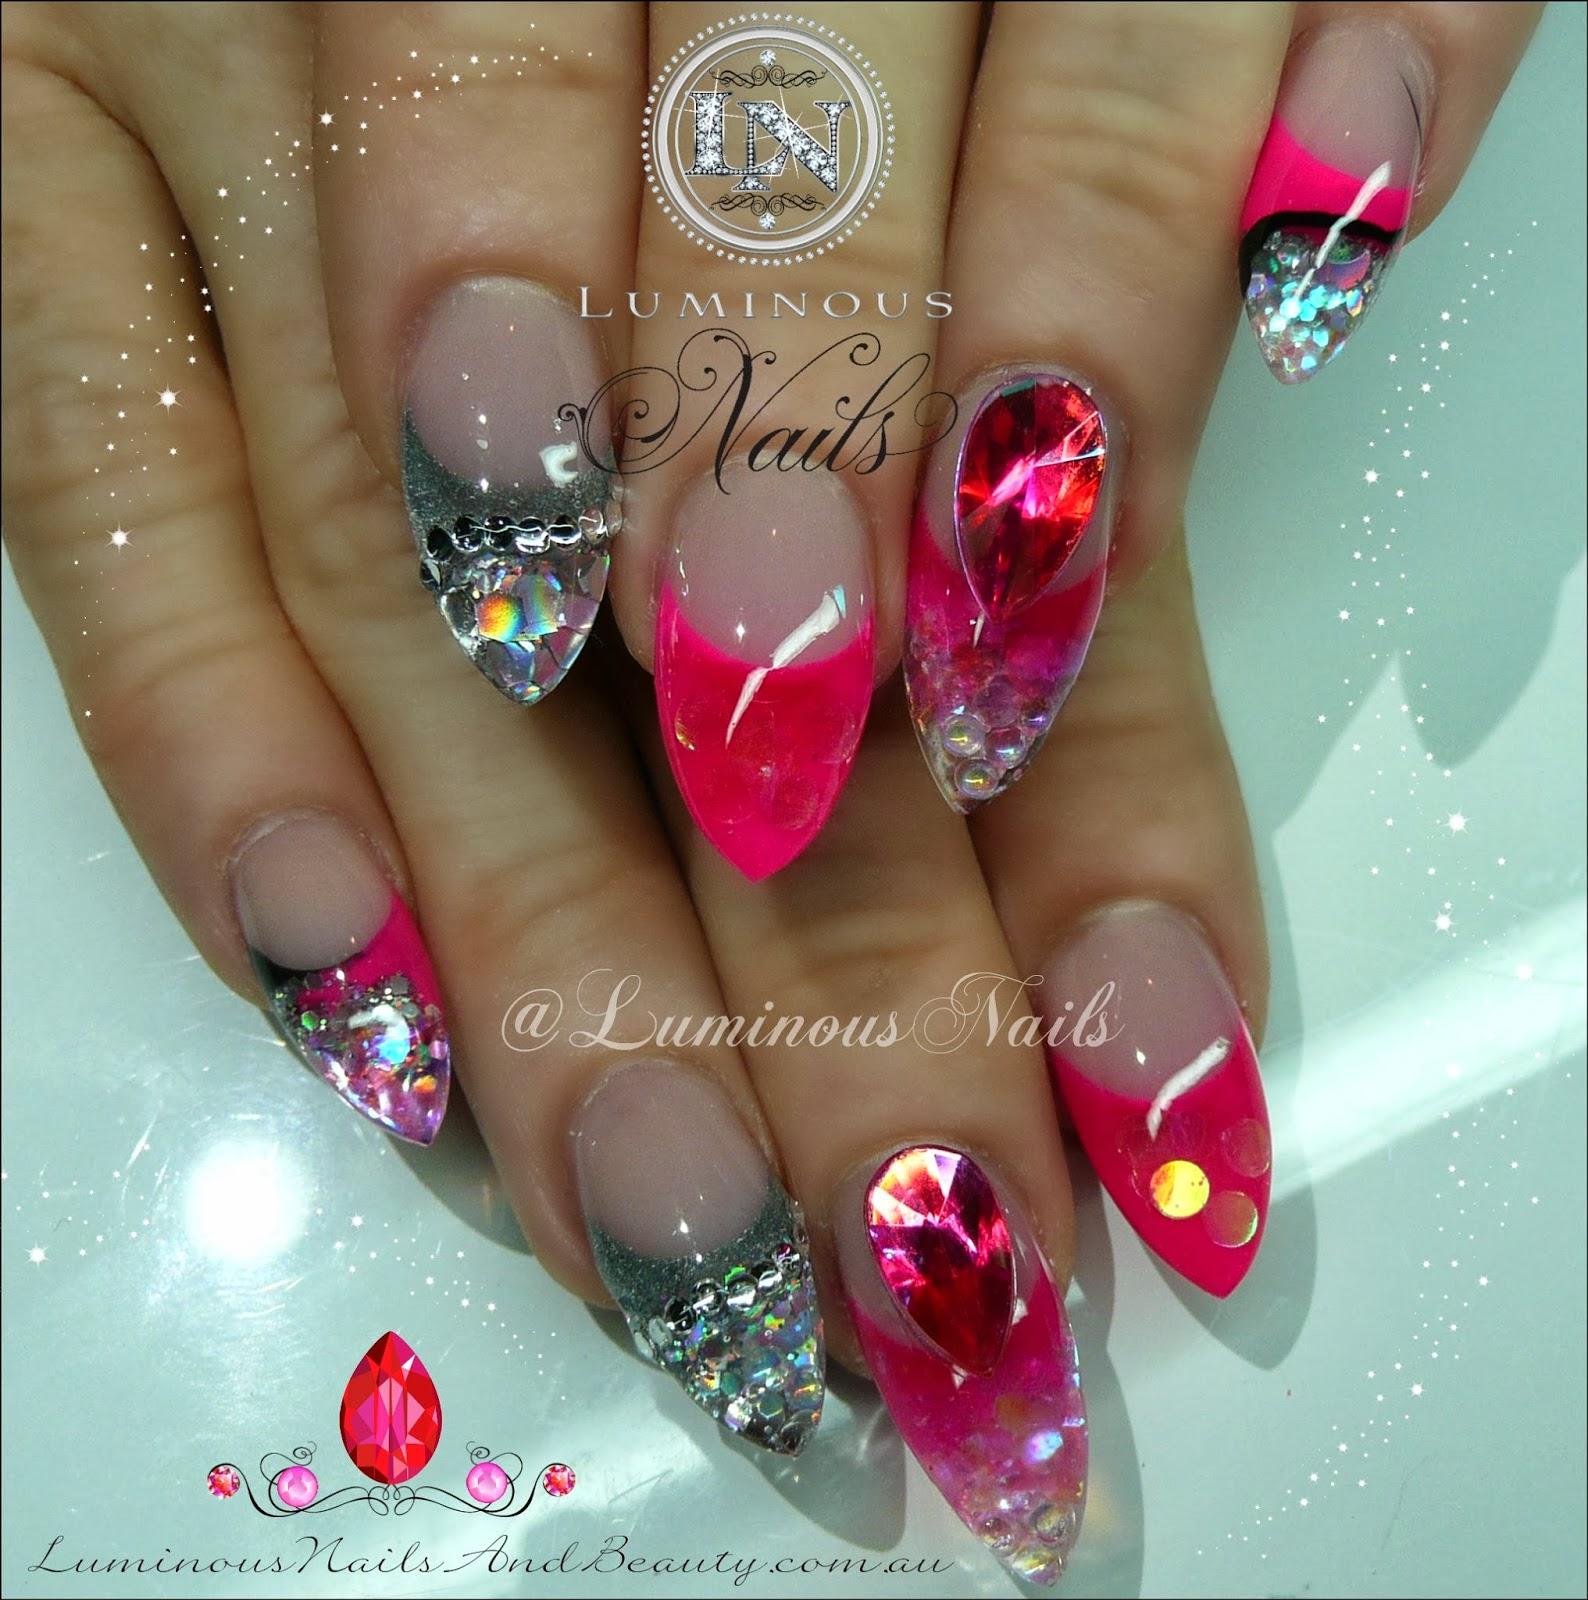 Hot pink and silver nail designs nail art gallery hot pink nail art photos prinsesfo Image collections